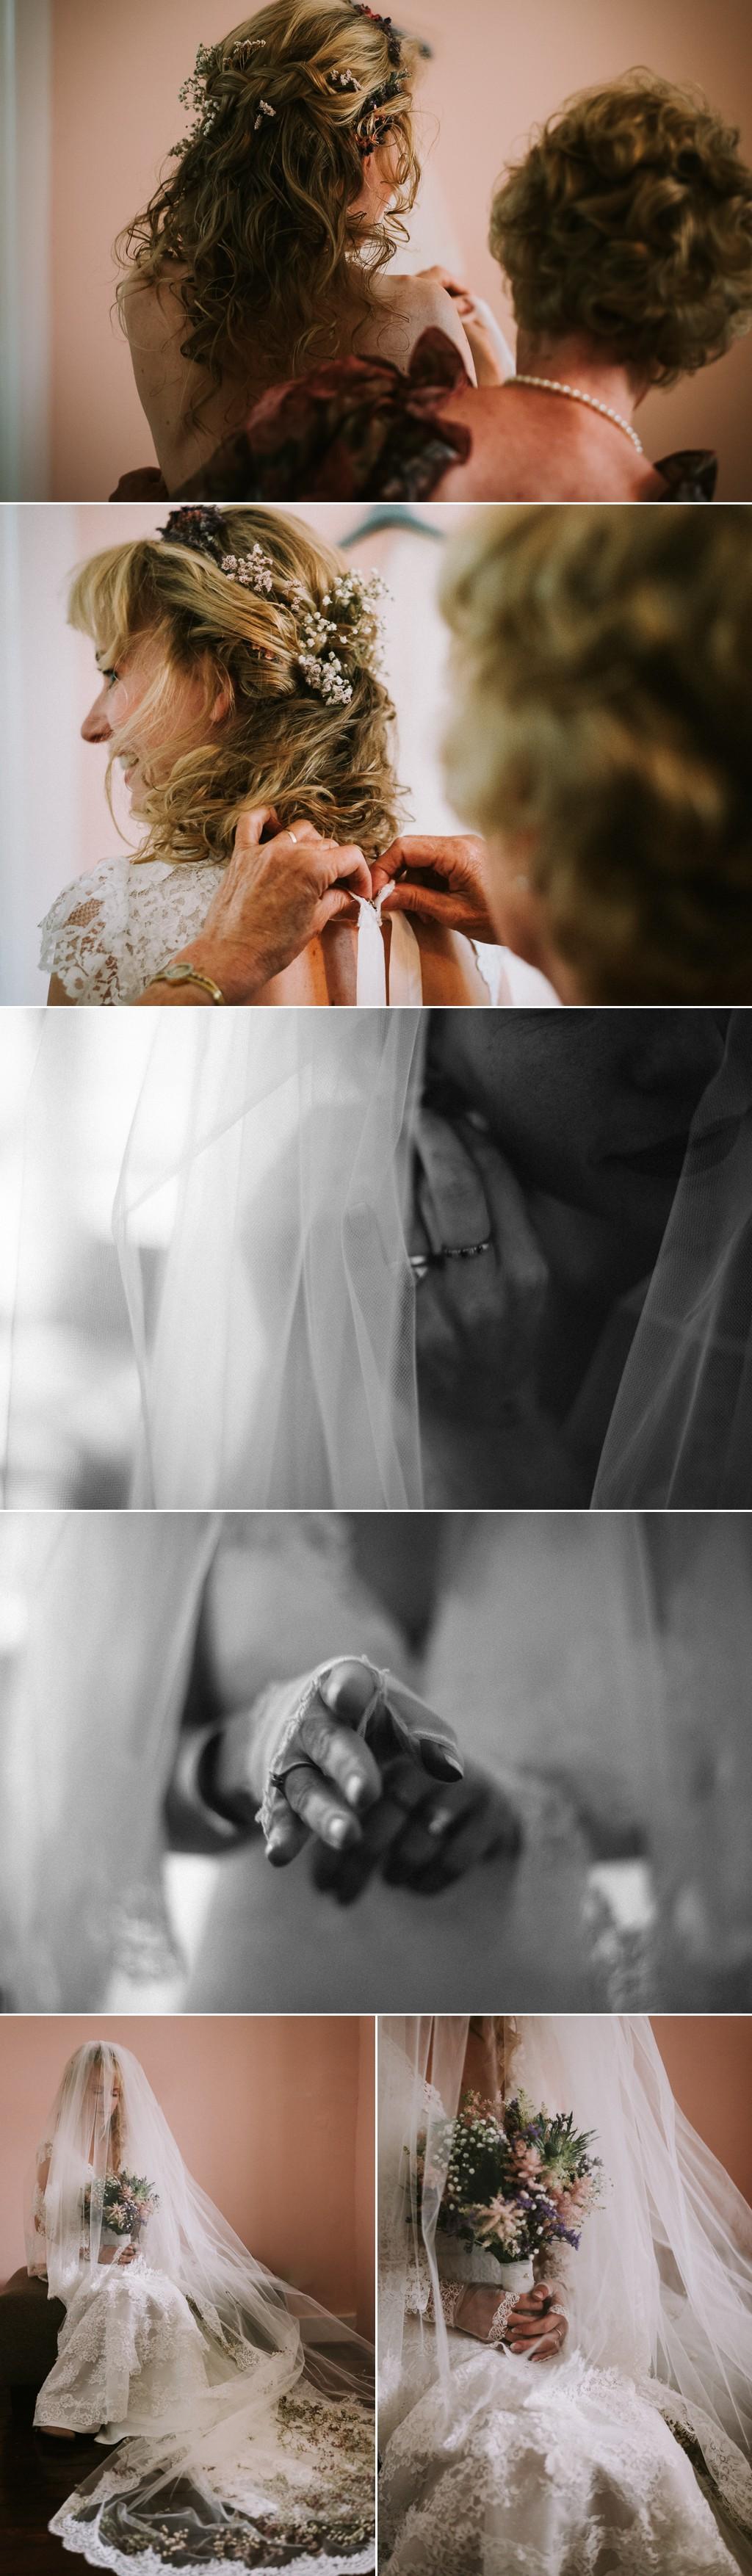 kasteel rhoon trouwen